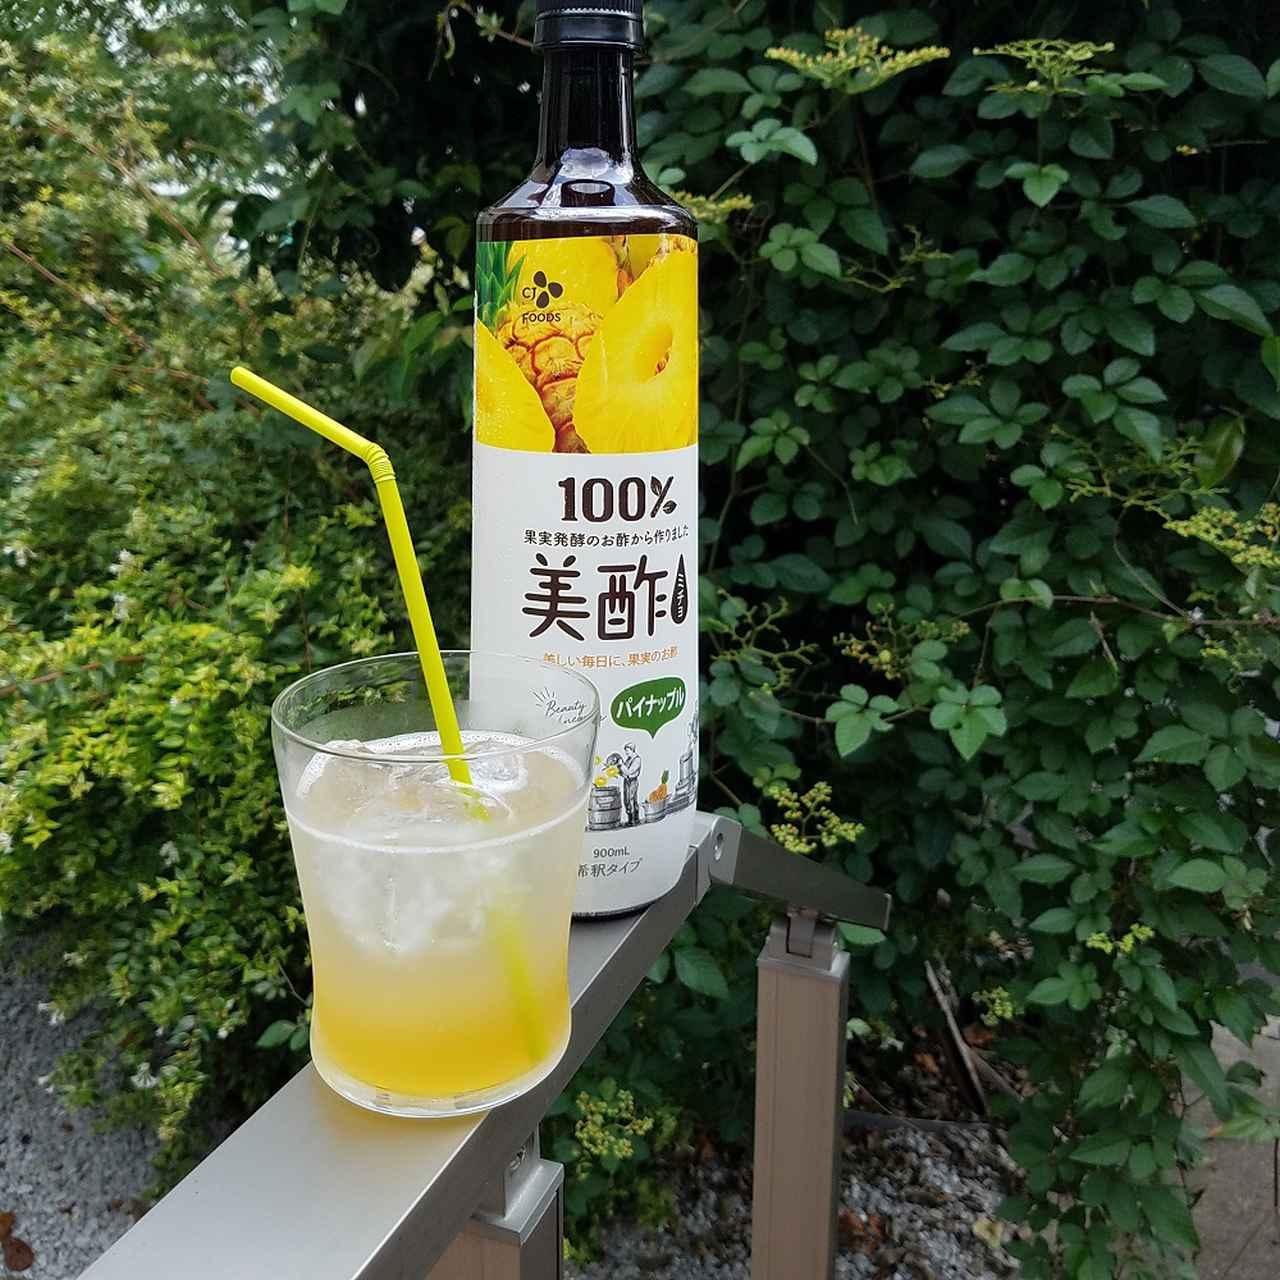 画像: アレンジいろいろ!美酢(ミチョ)の美味しい飲み方おしえます!